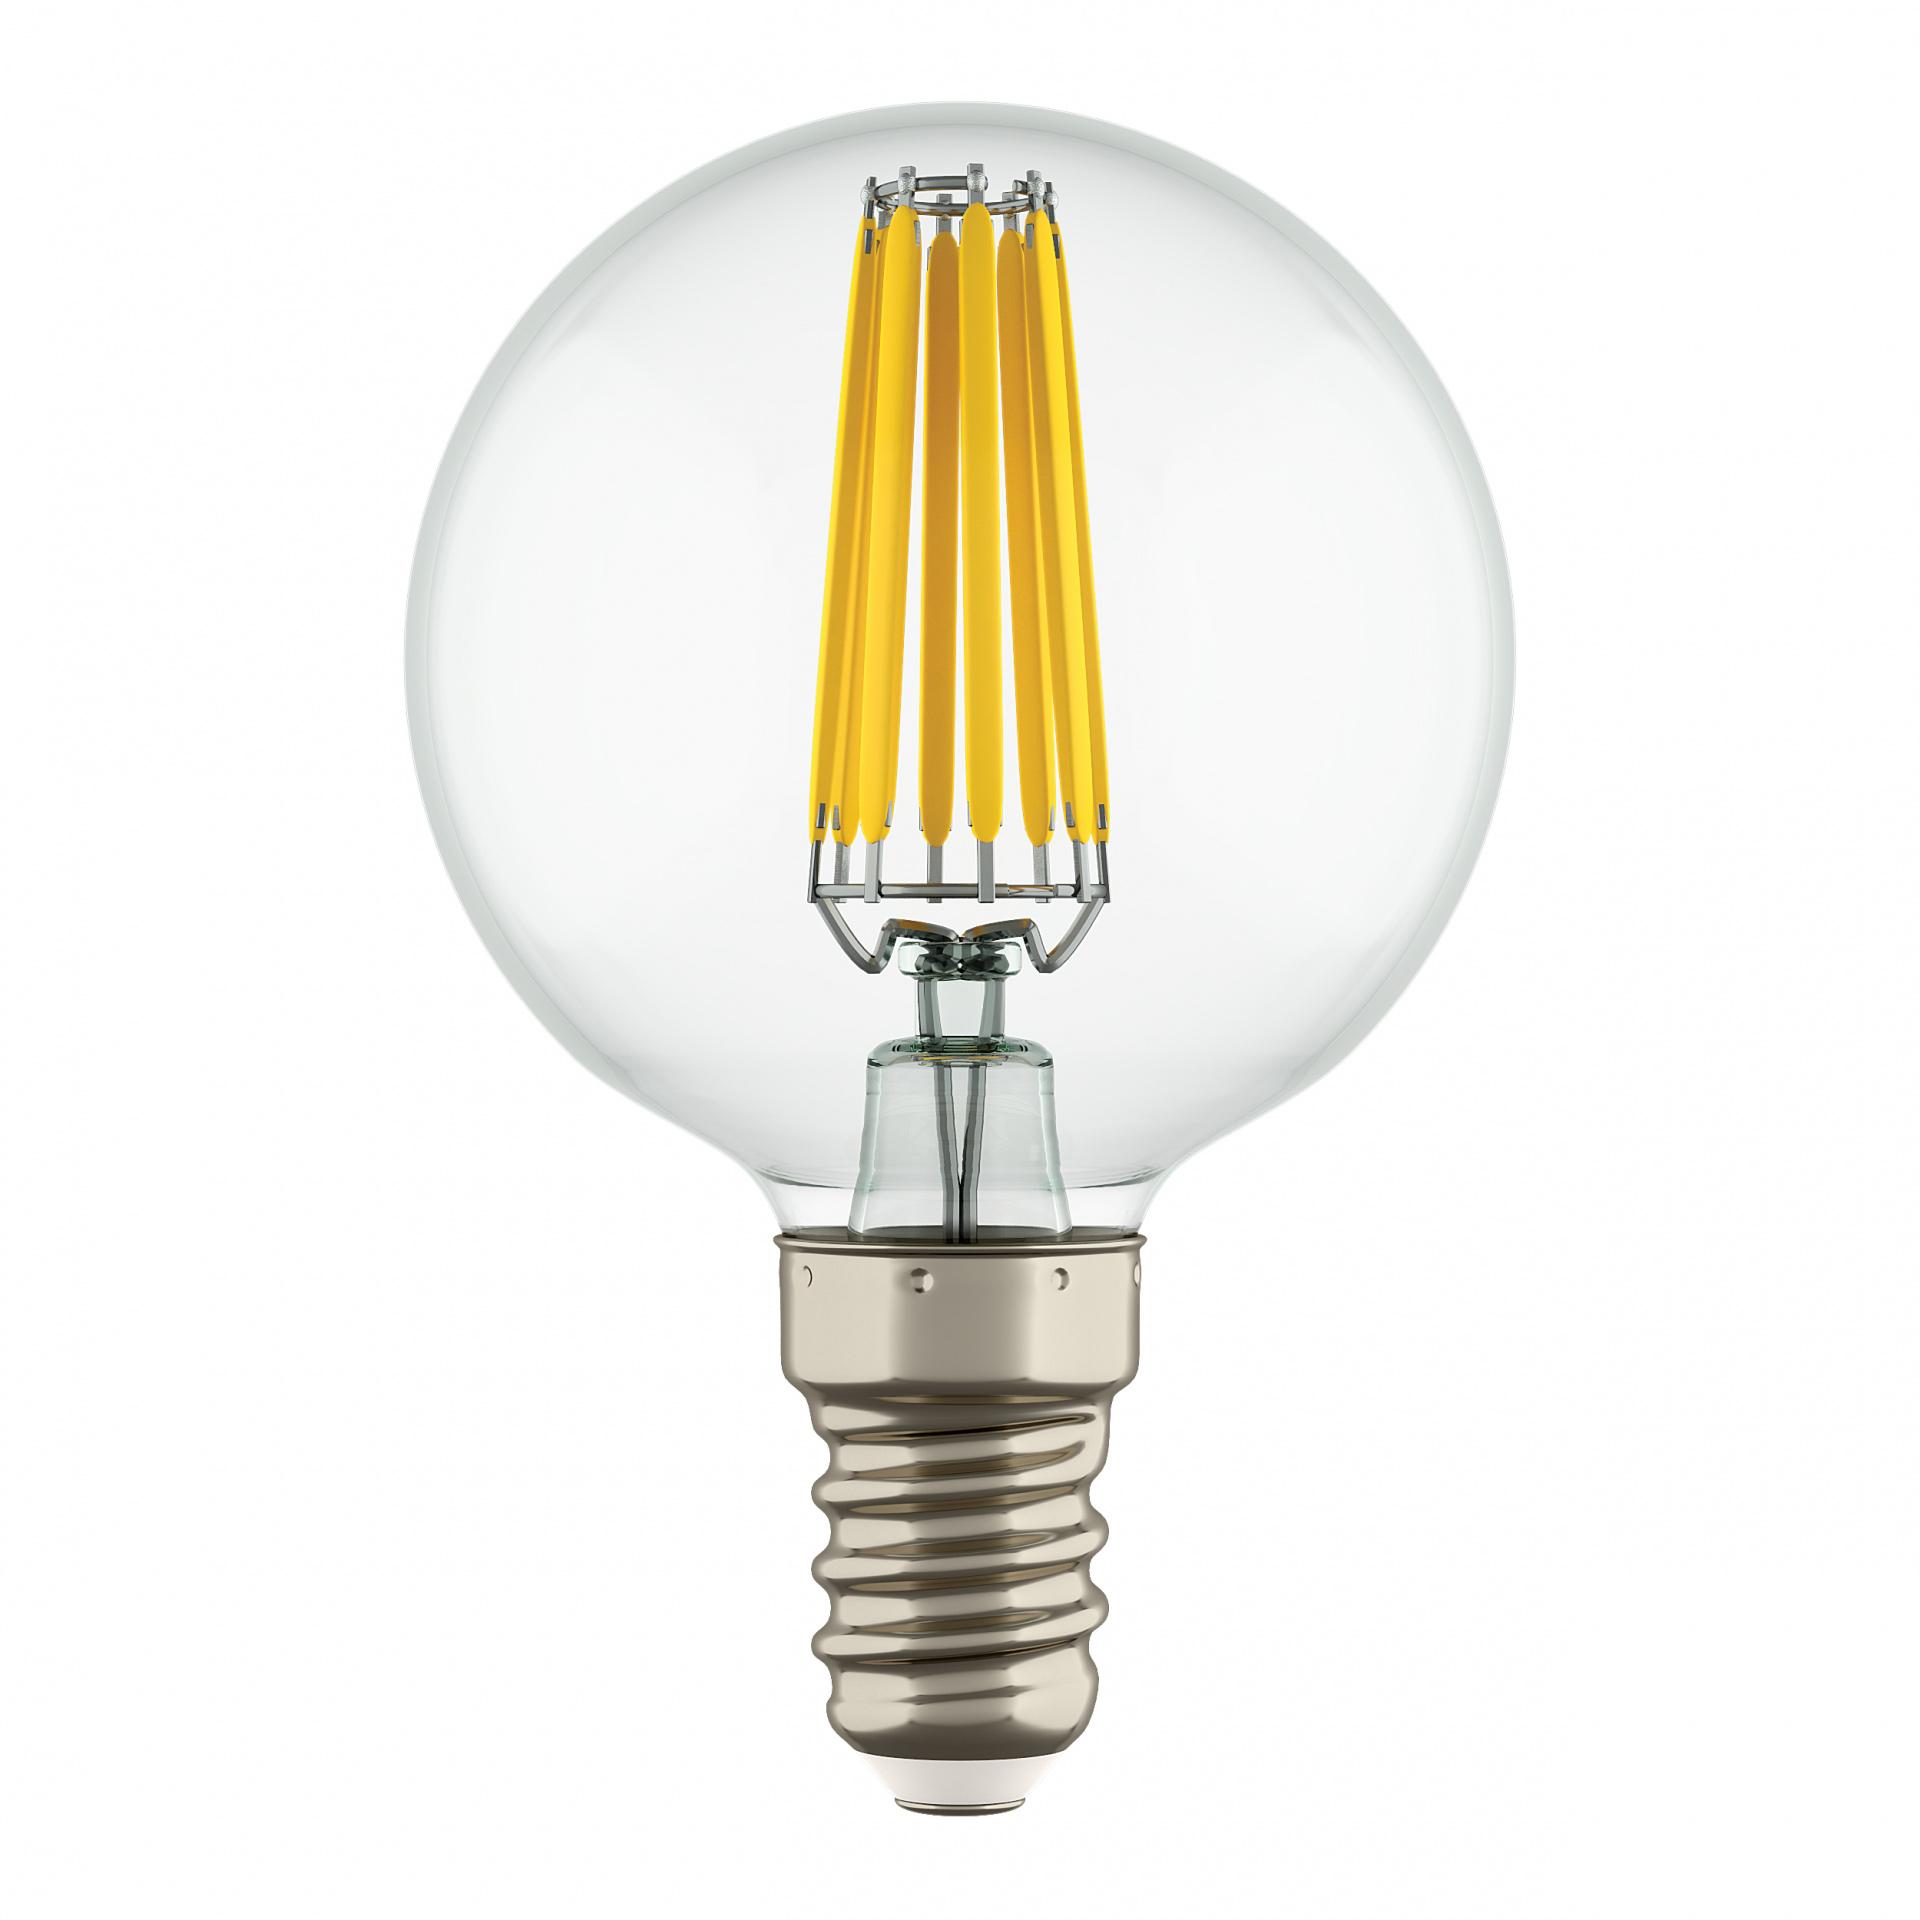 Лампа LED Filament 220V G50 E14 6W=65W 400-430LM 360G CL 3000K 30000H Lightstar 933802, купить в СПб, Москве, с доставкой, Санкт-Петербург, интернет-магазин люстр и светильников Starlight, фото в жизни